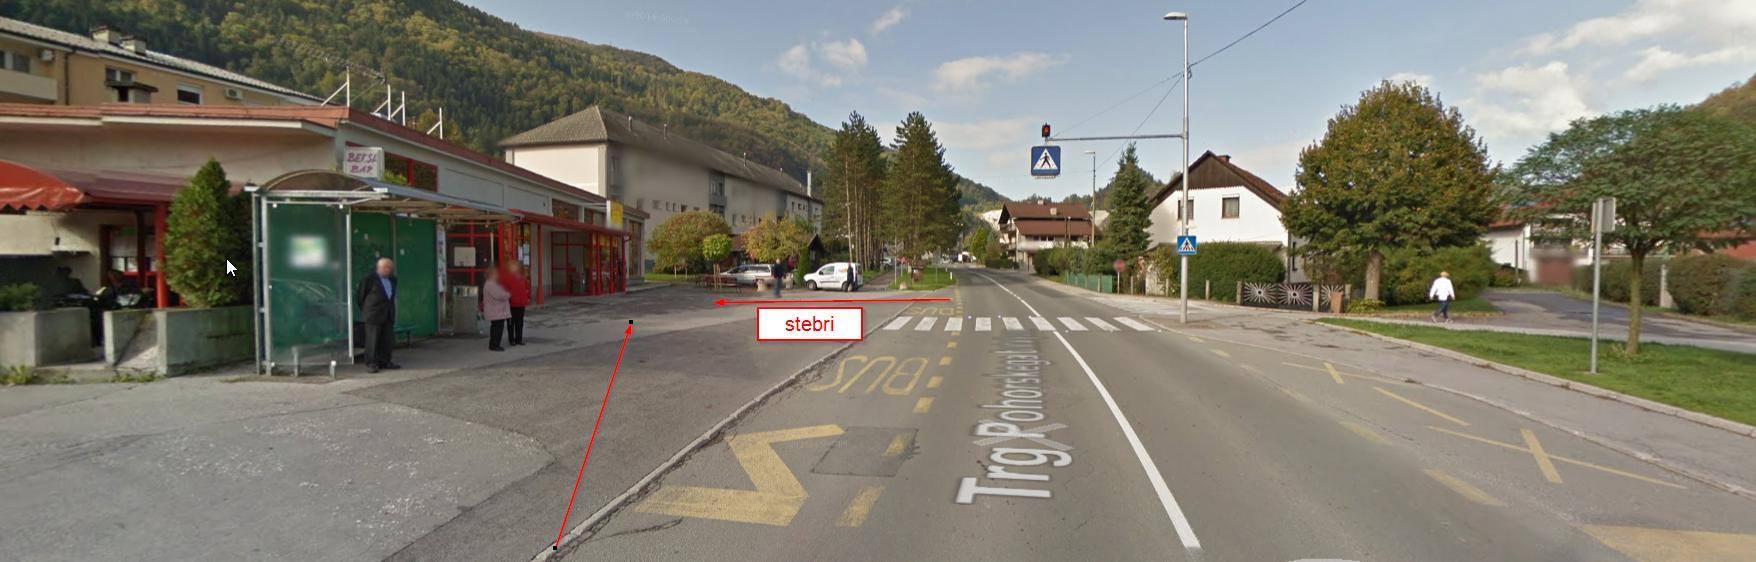 Zavijanje v Kisovcu mimo avtobusne postaje